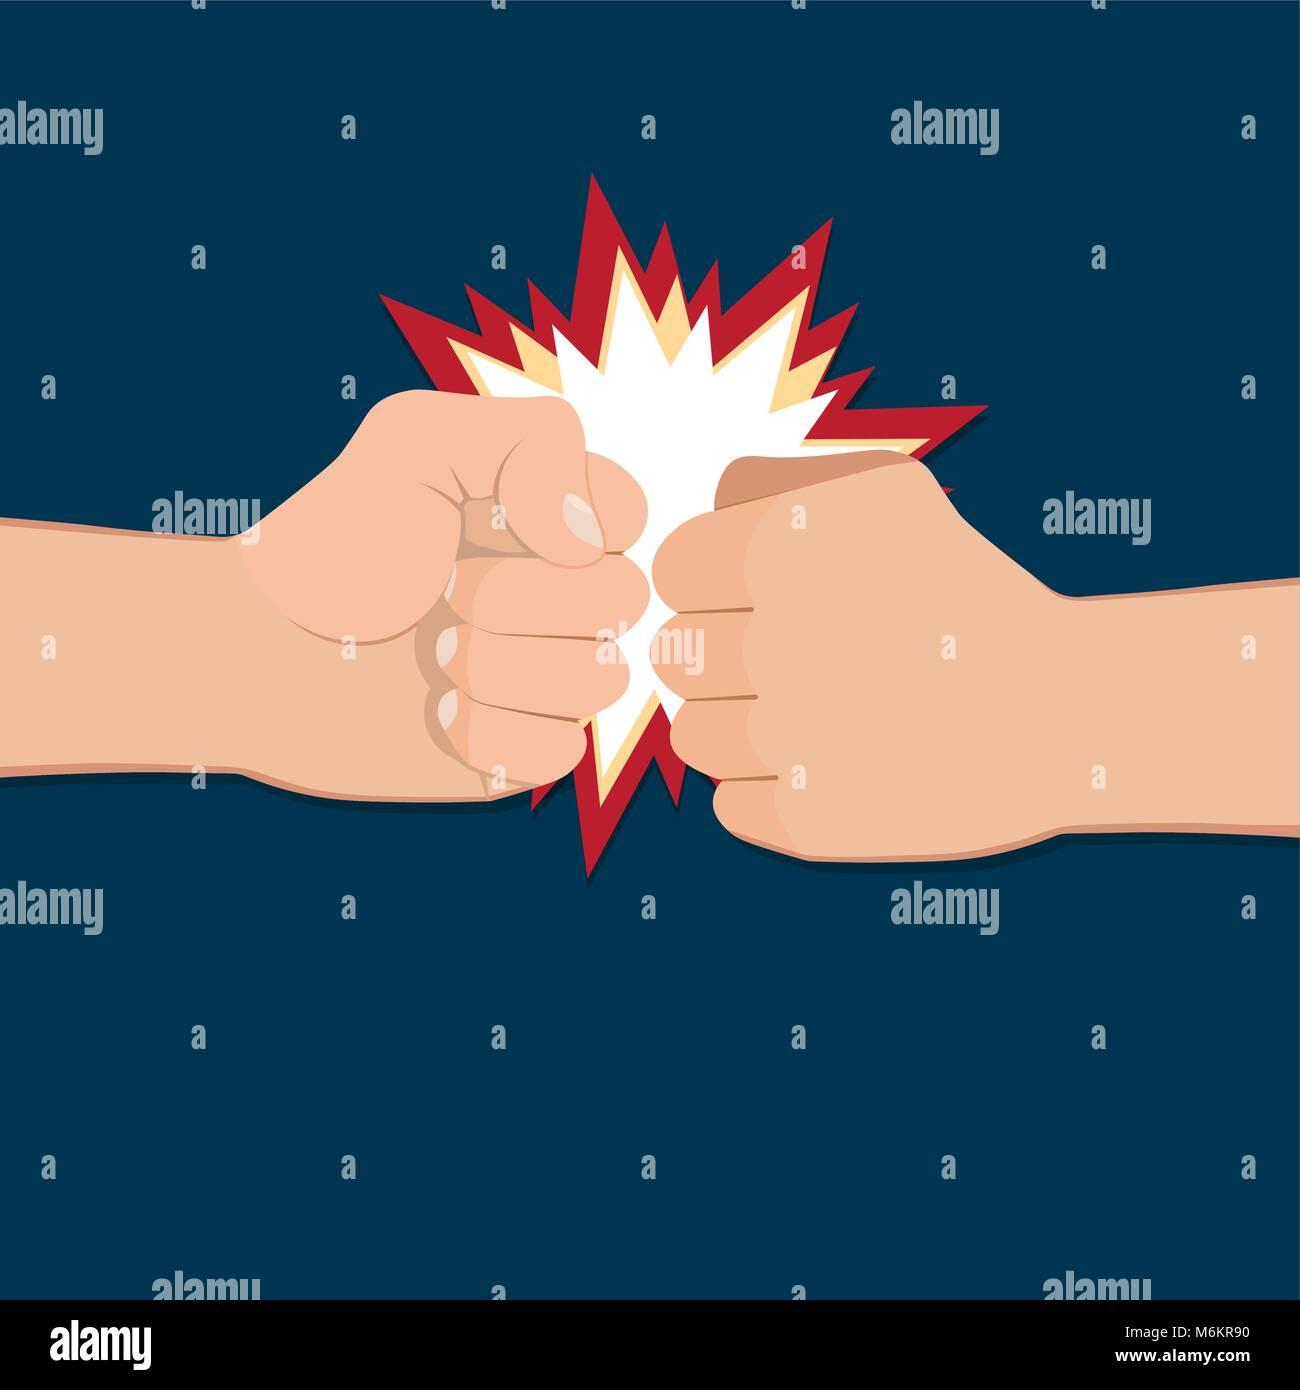 Deux poings serrés dans l'air poinçonnage. Vector illustration avec deux mains. Notion d'agression et de la violence. Illustration de Vecteur